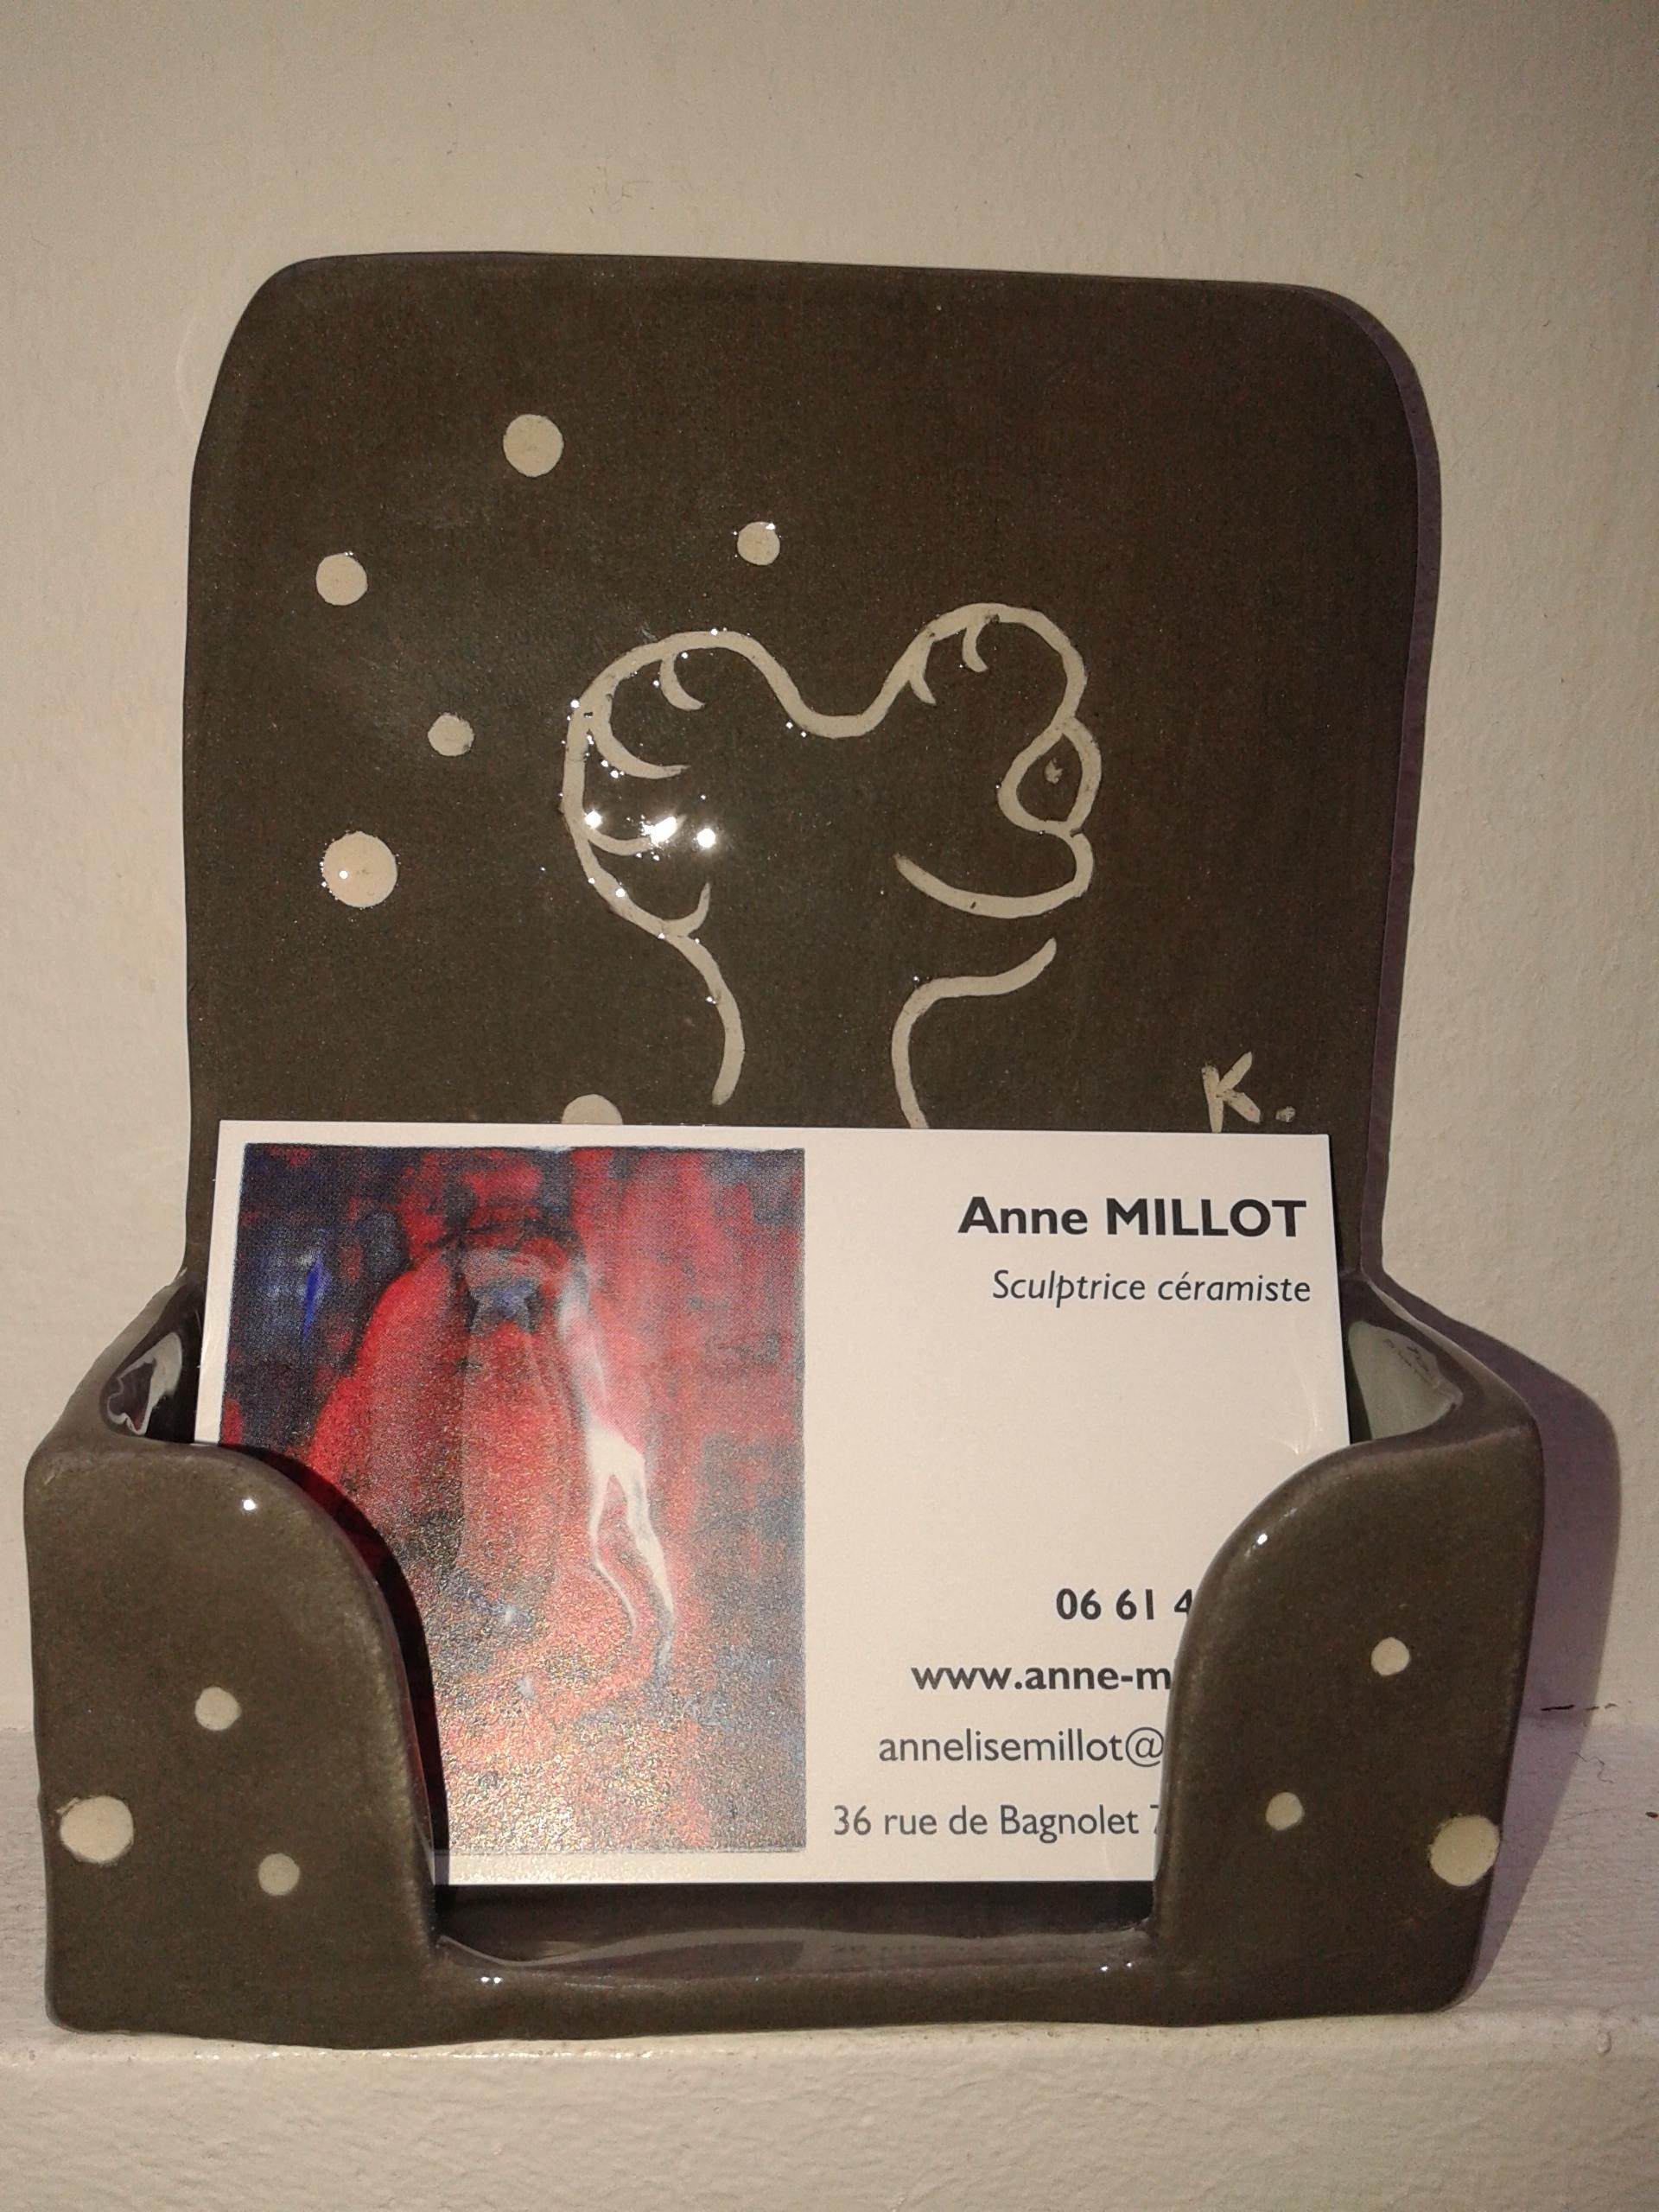 Objets En Cramique Personnaliss Anne Millot Artiste Sculptrice